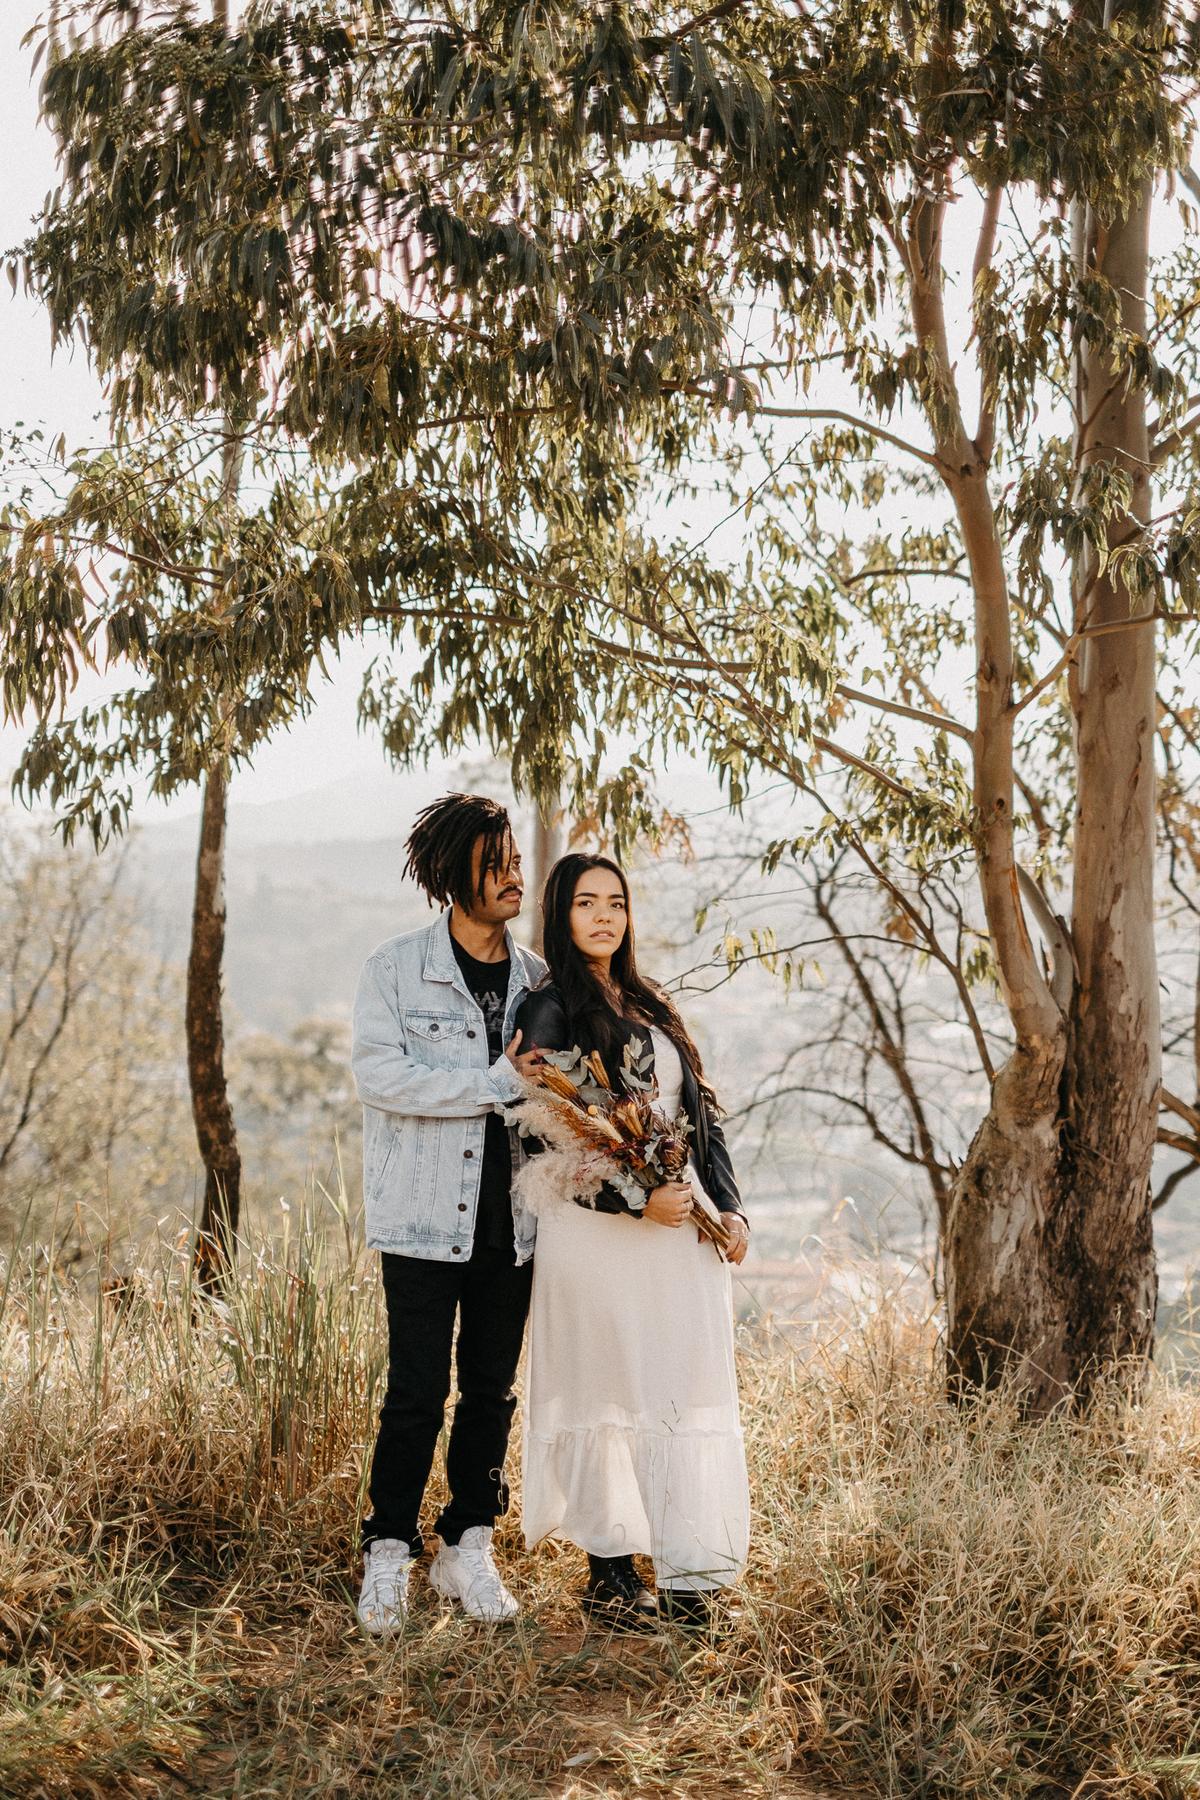 ensaio pre casamento ensaio pre wedding destination wedding fotos de casamento noivas de bota buque de noiva  fotografia de casamento fotografos de casamento